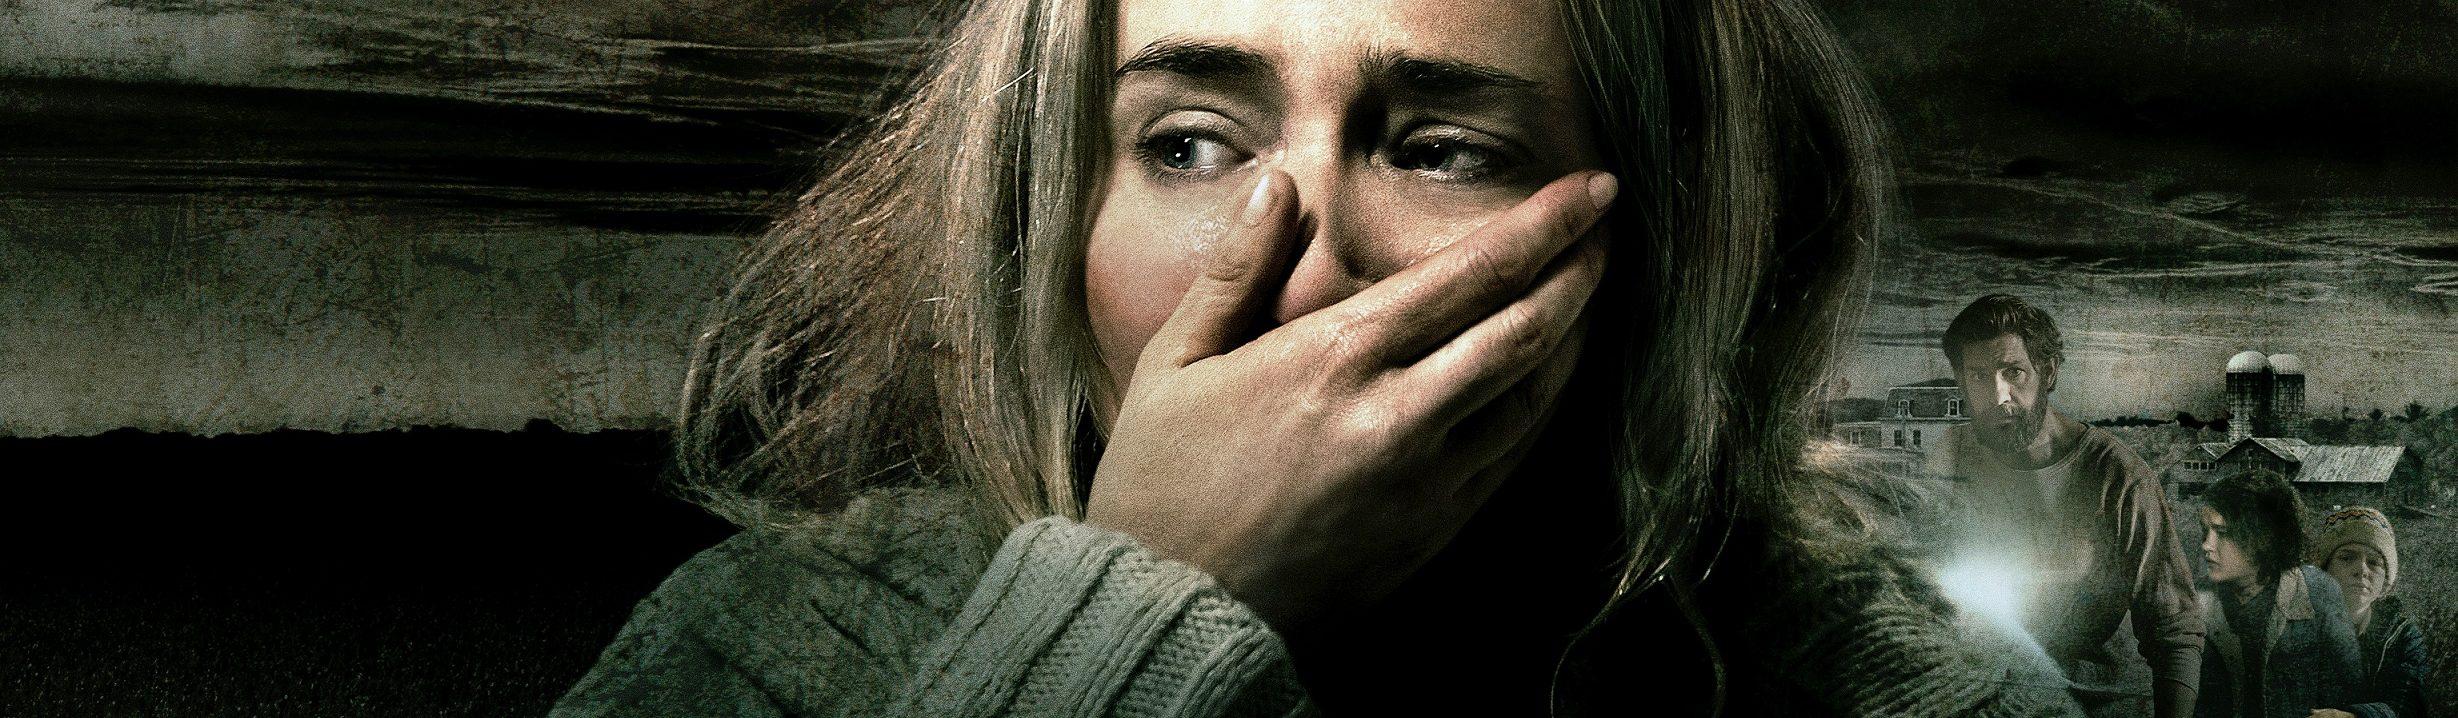 La esperada secuela de terror A Quiet Place 2 arranca rodaje